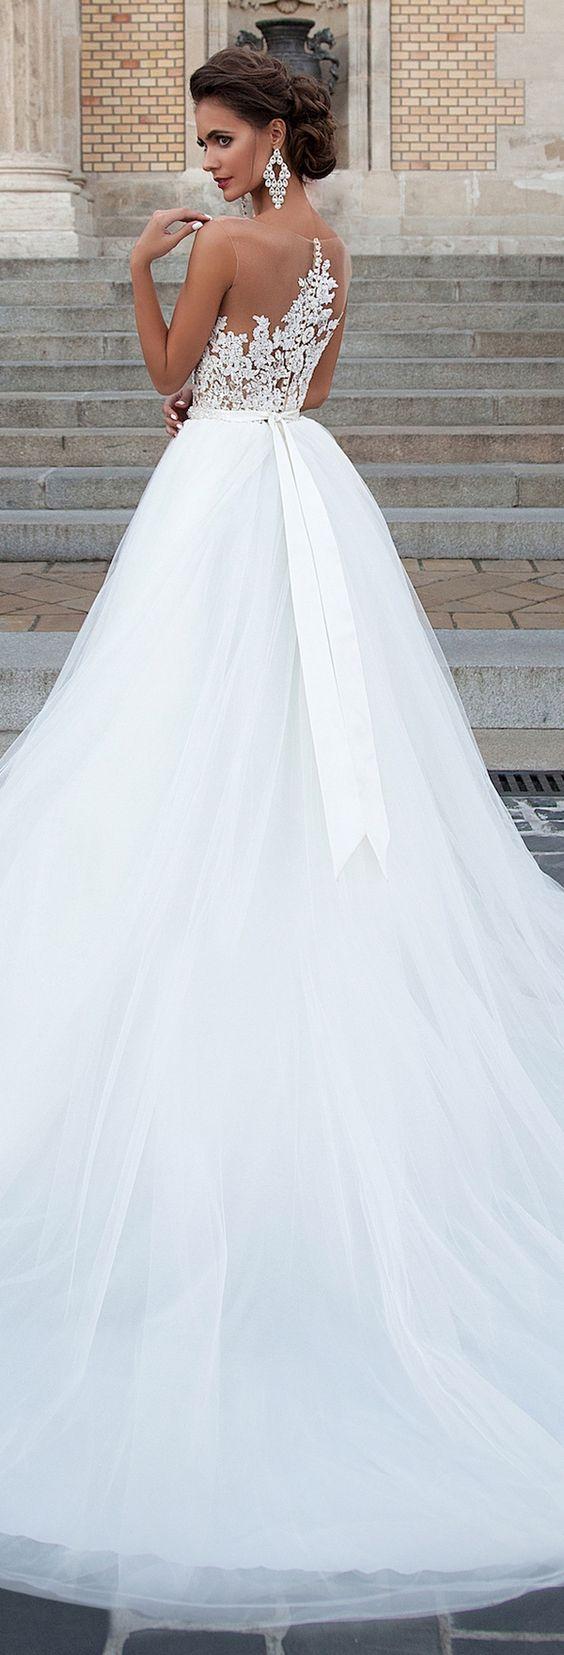 Milla Nova 2016 Bridal Wedding Dresses…